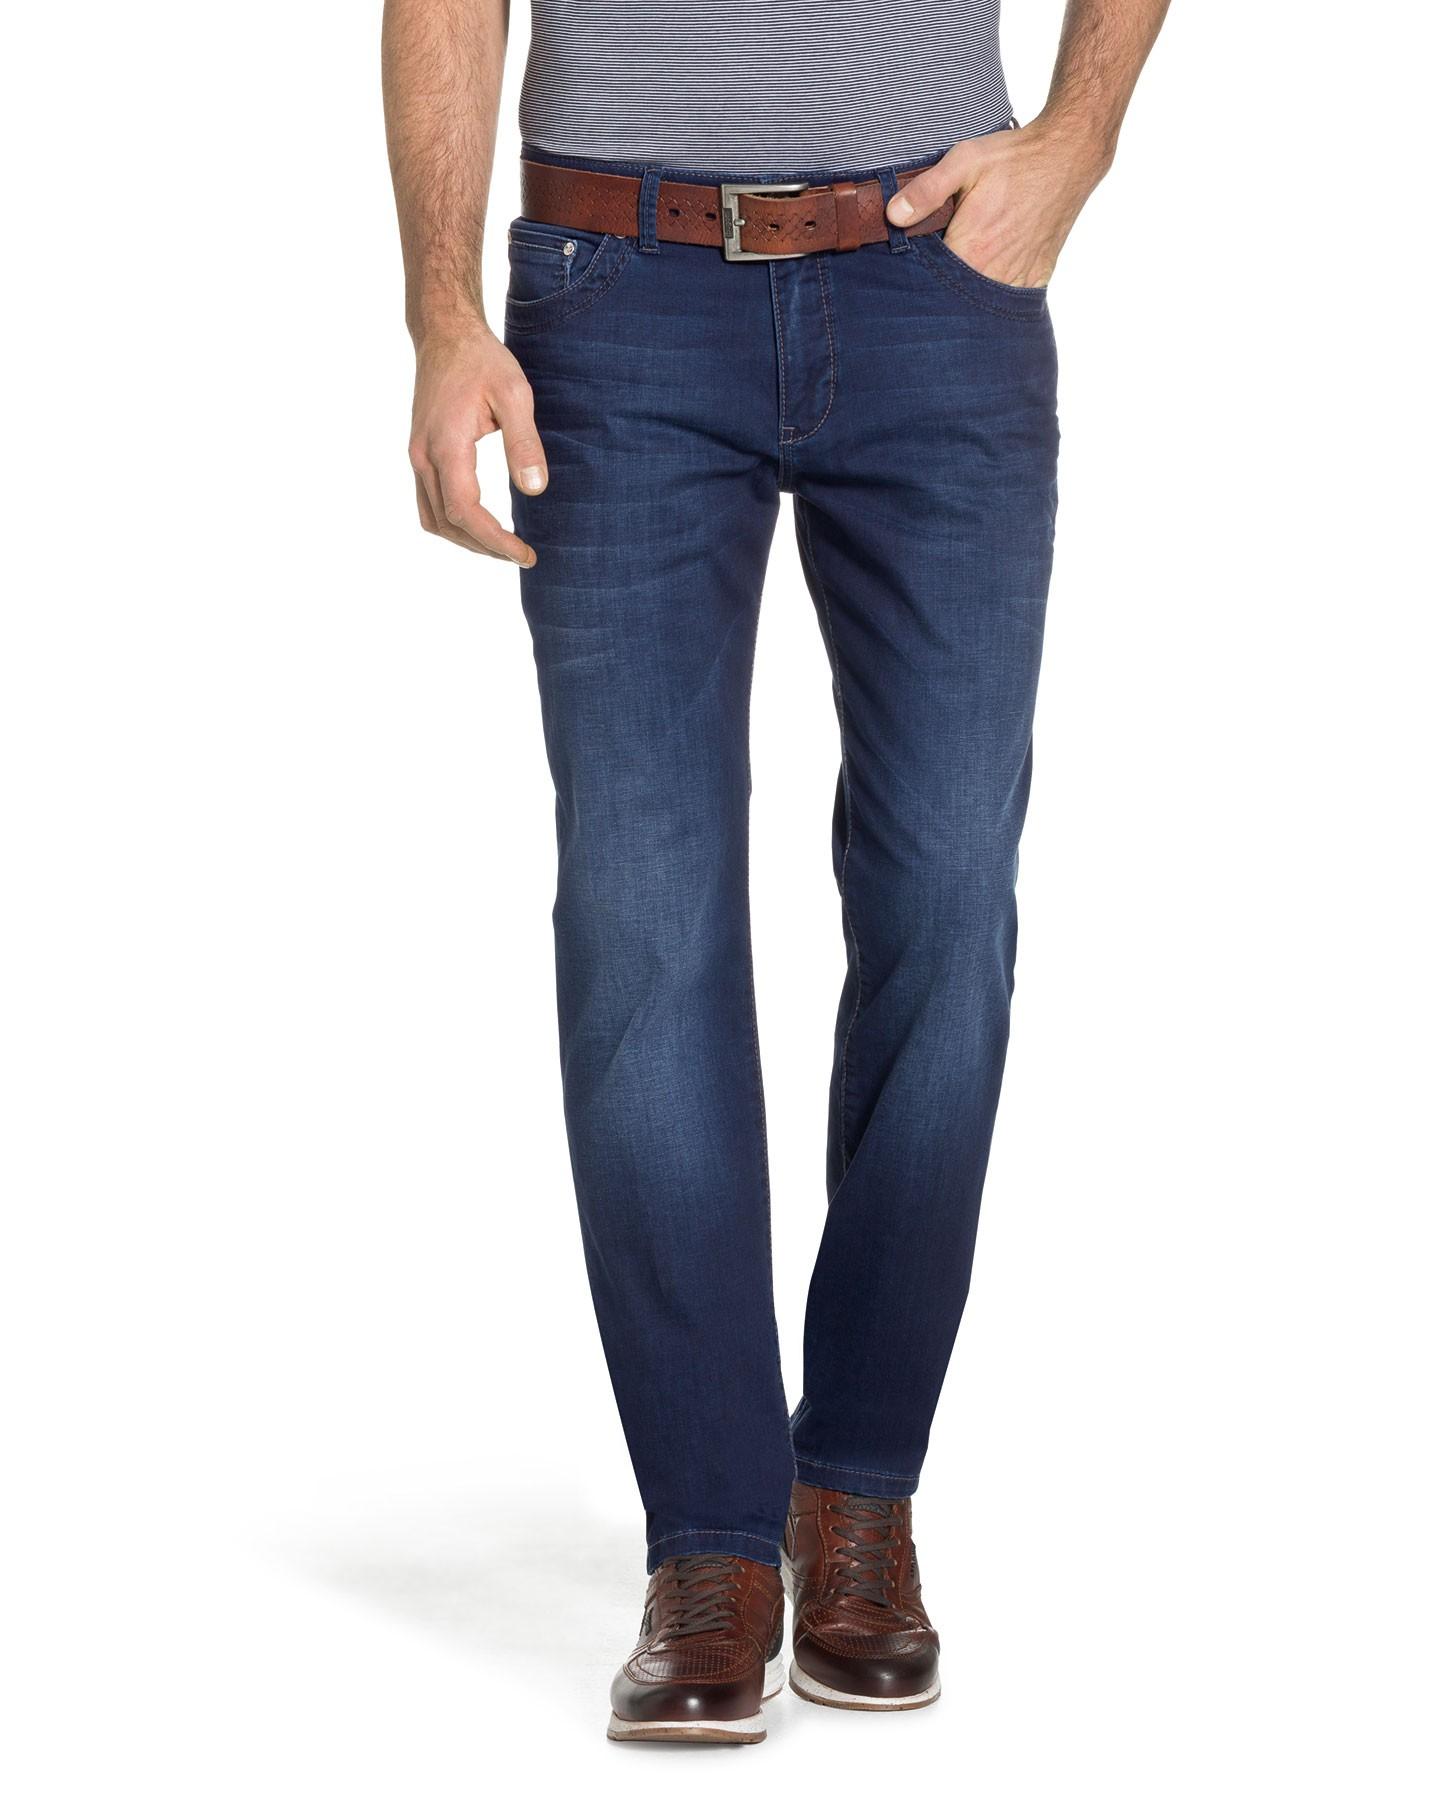 f957400d8b1 Bugatti pánské kalhoty (jeans) Madrid 76619 394 - Glami.cz